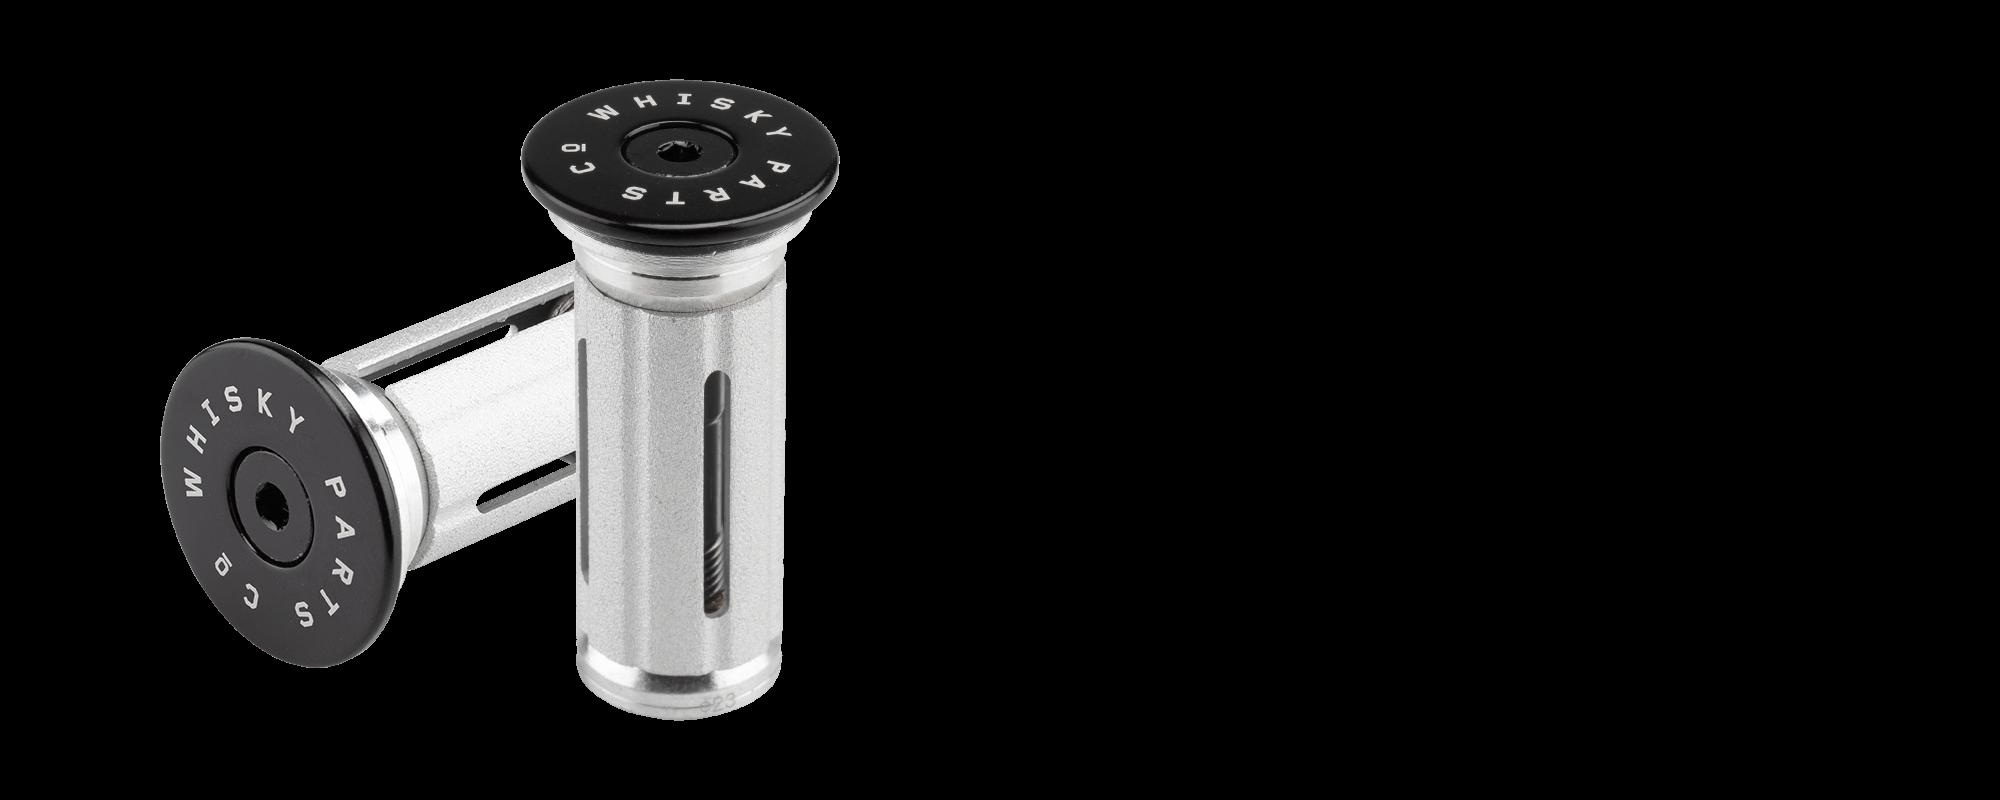 Standard compression plug